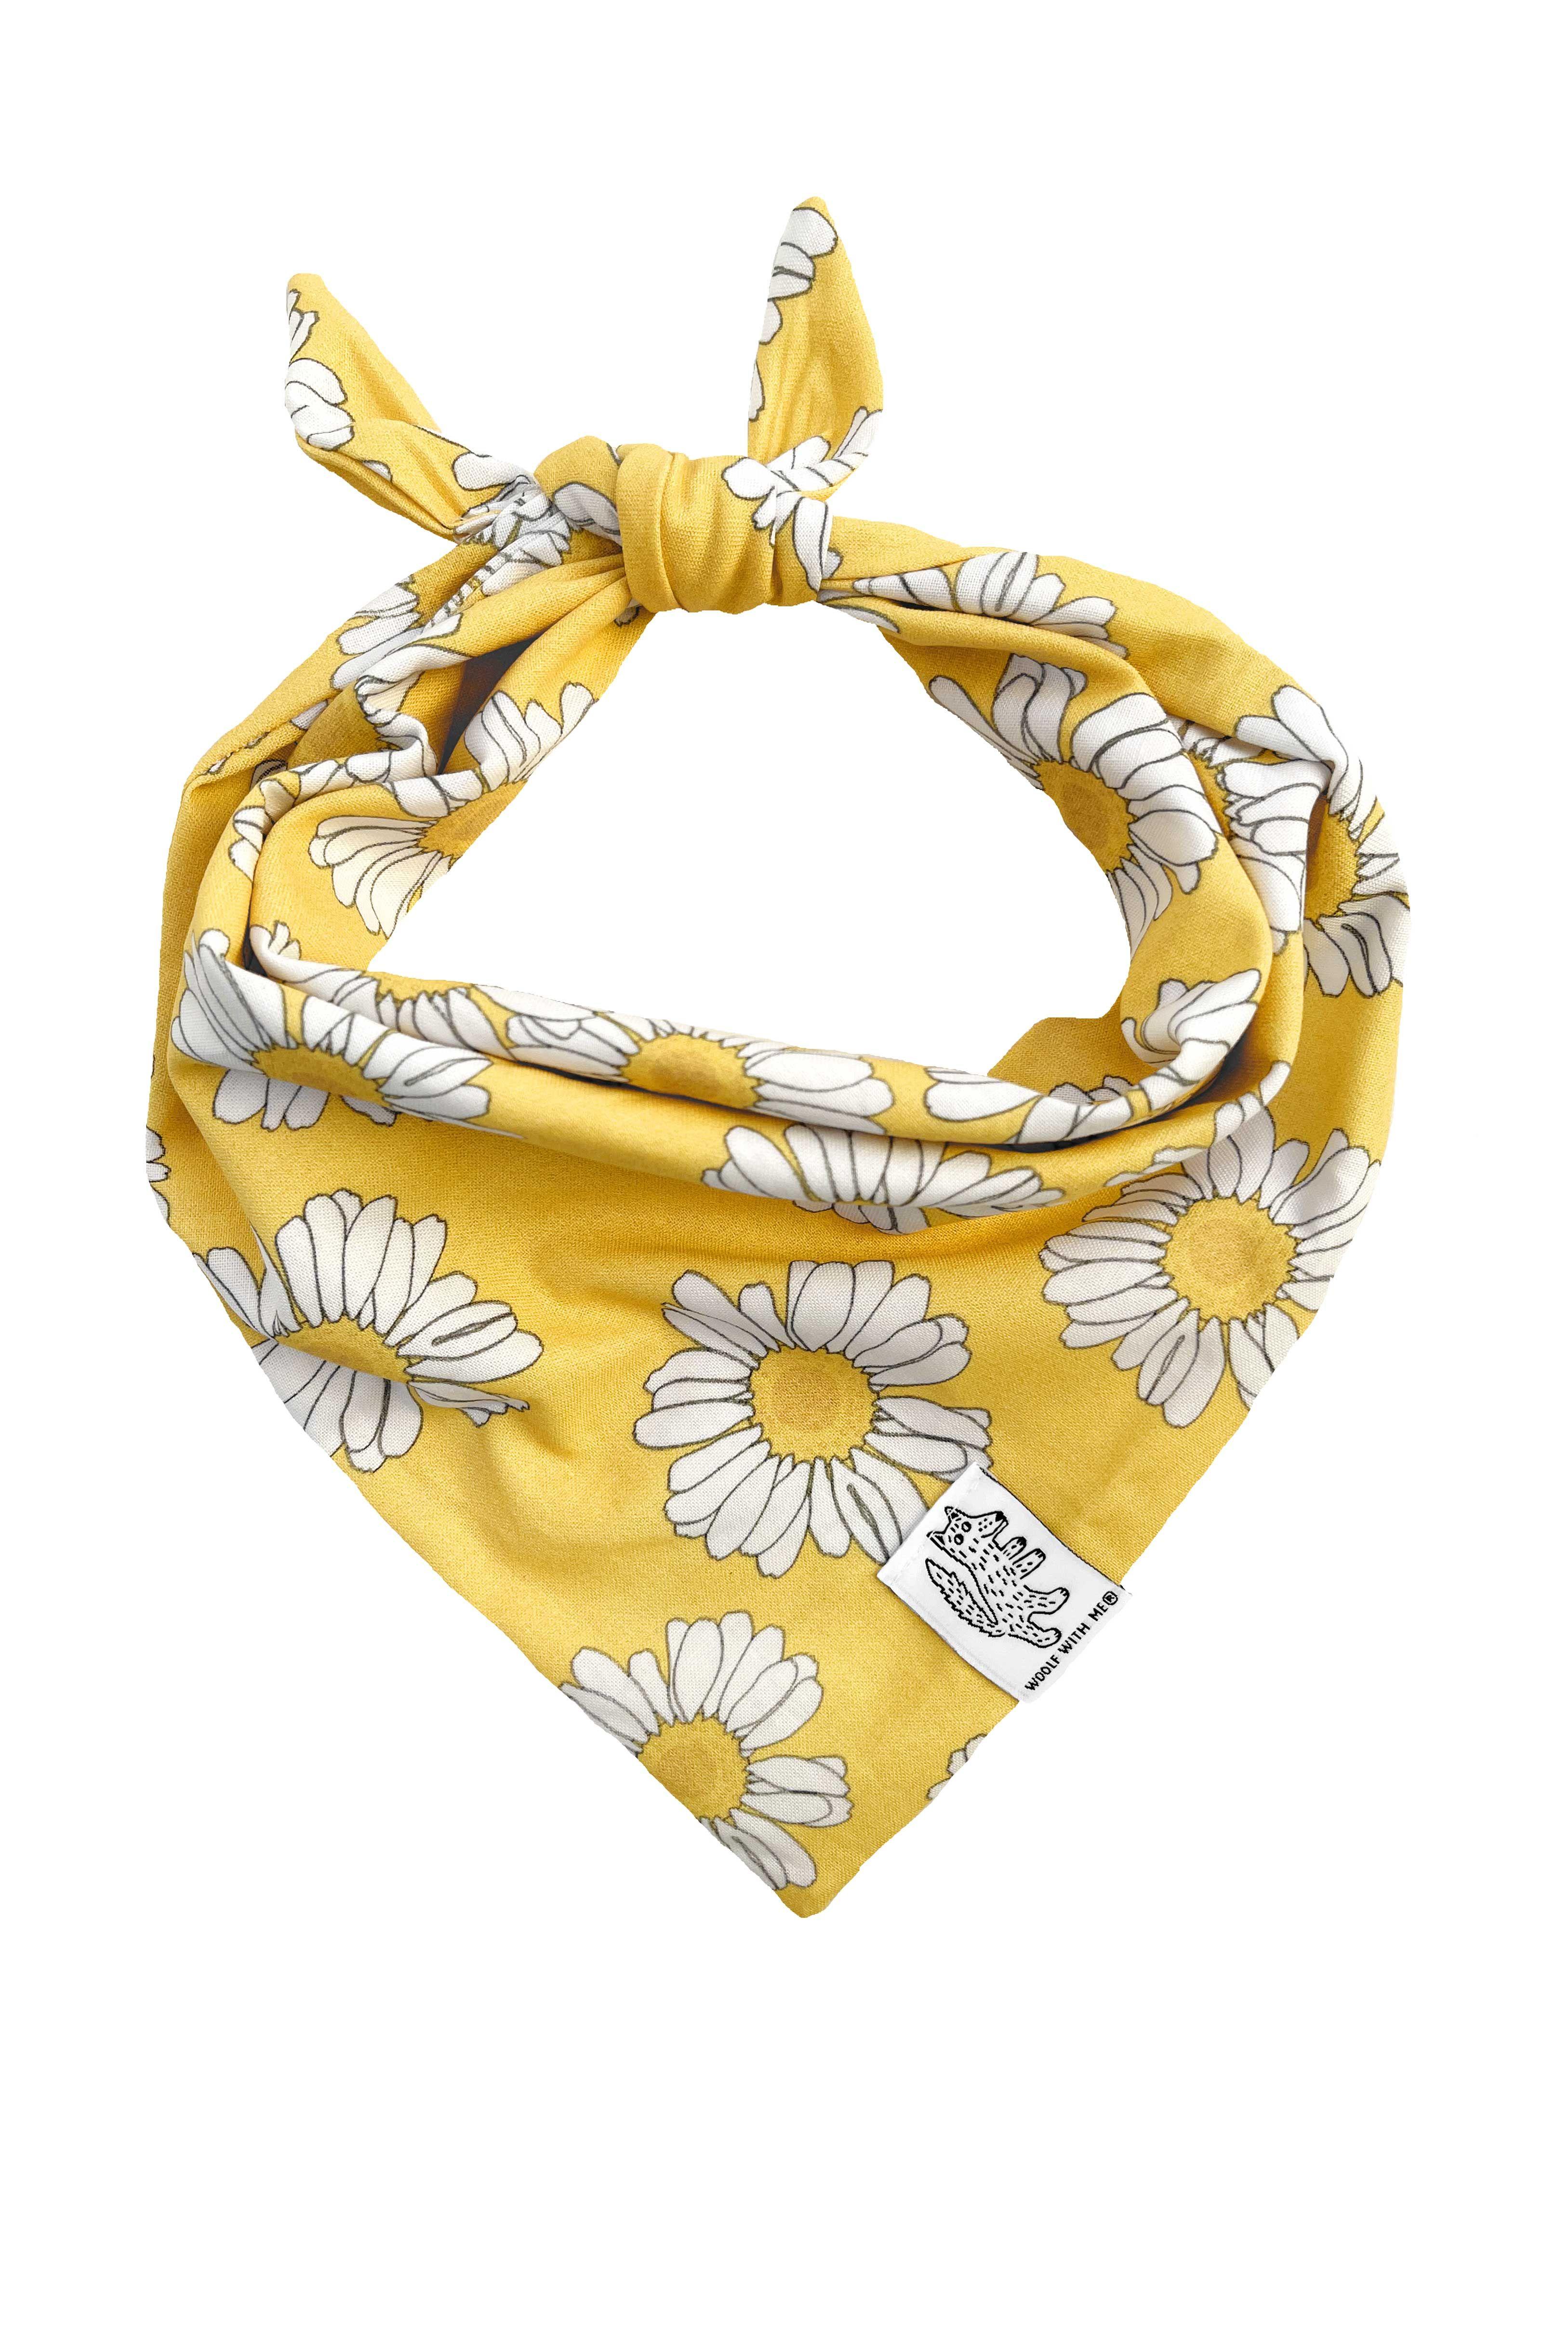 Hundebandana-Gänseblümchen (Aufgestickter Aufnäher) – S (Für Hals bis zu 30 cm) / Primelgelb / Schmetterling